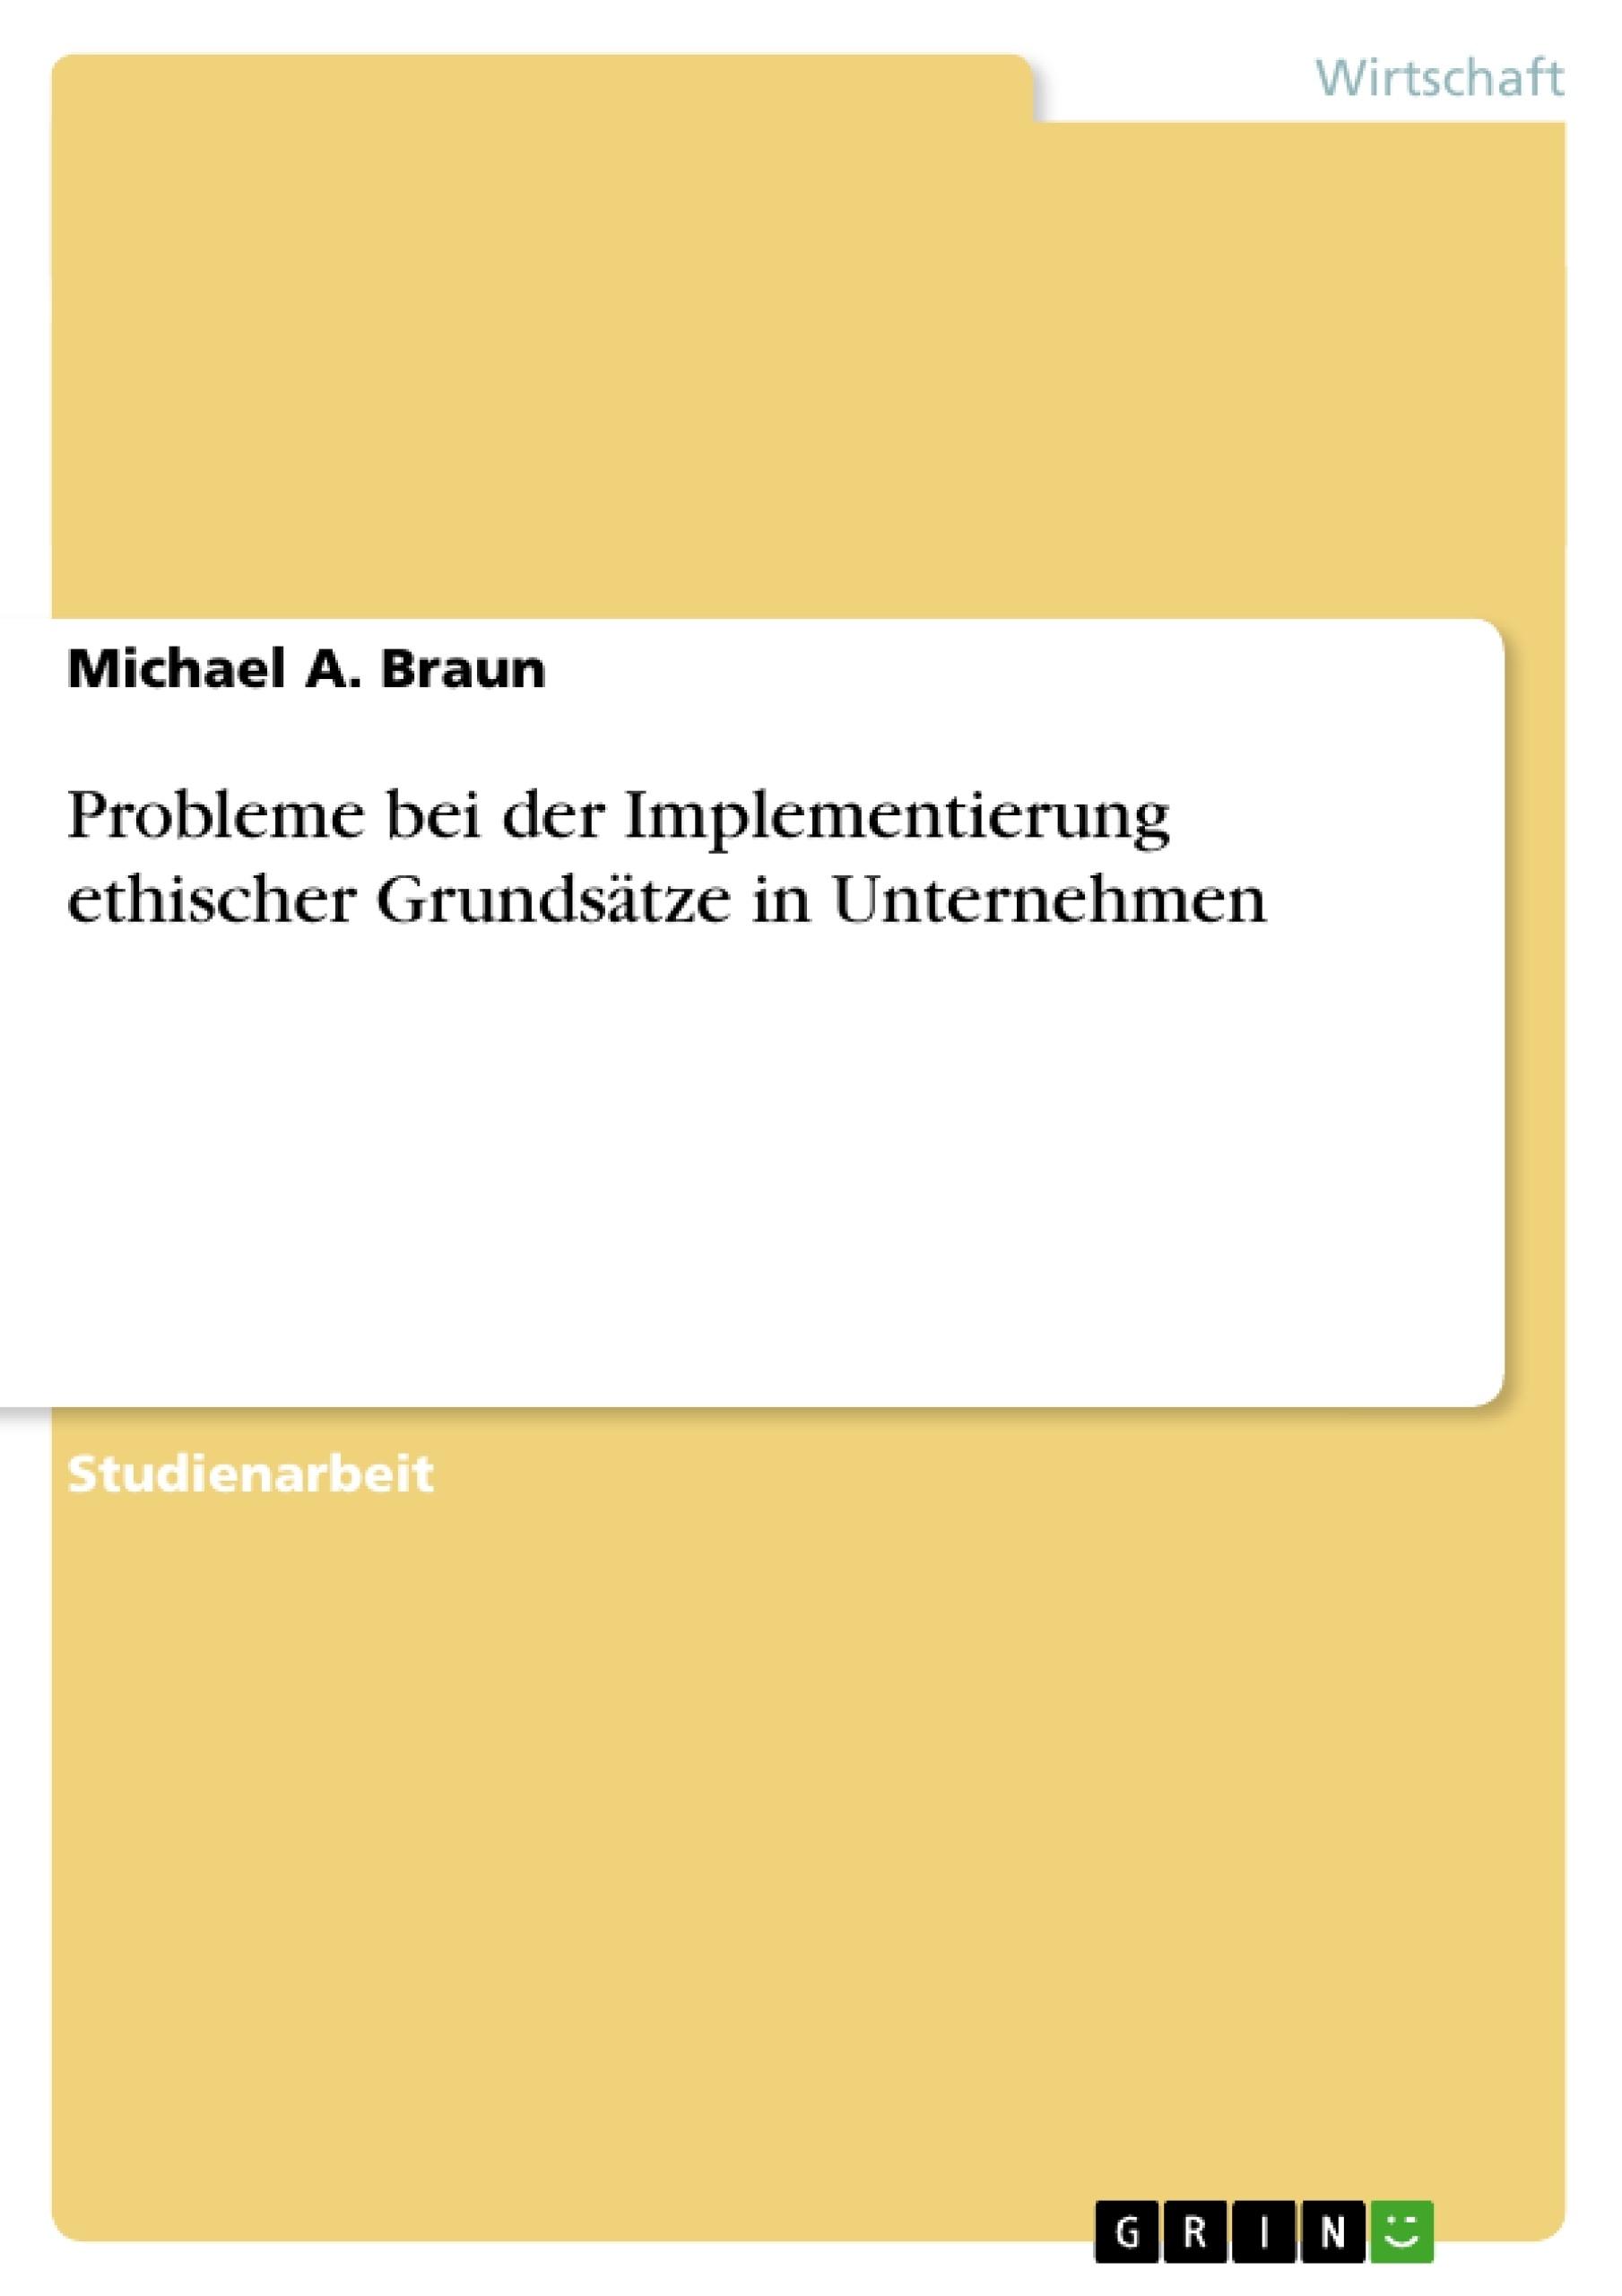 Titel: Probleme bei der Implementierung ethischer Grundsätze in Unternehmen